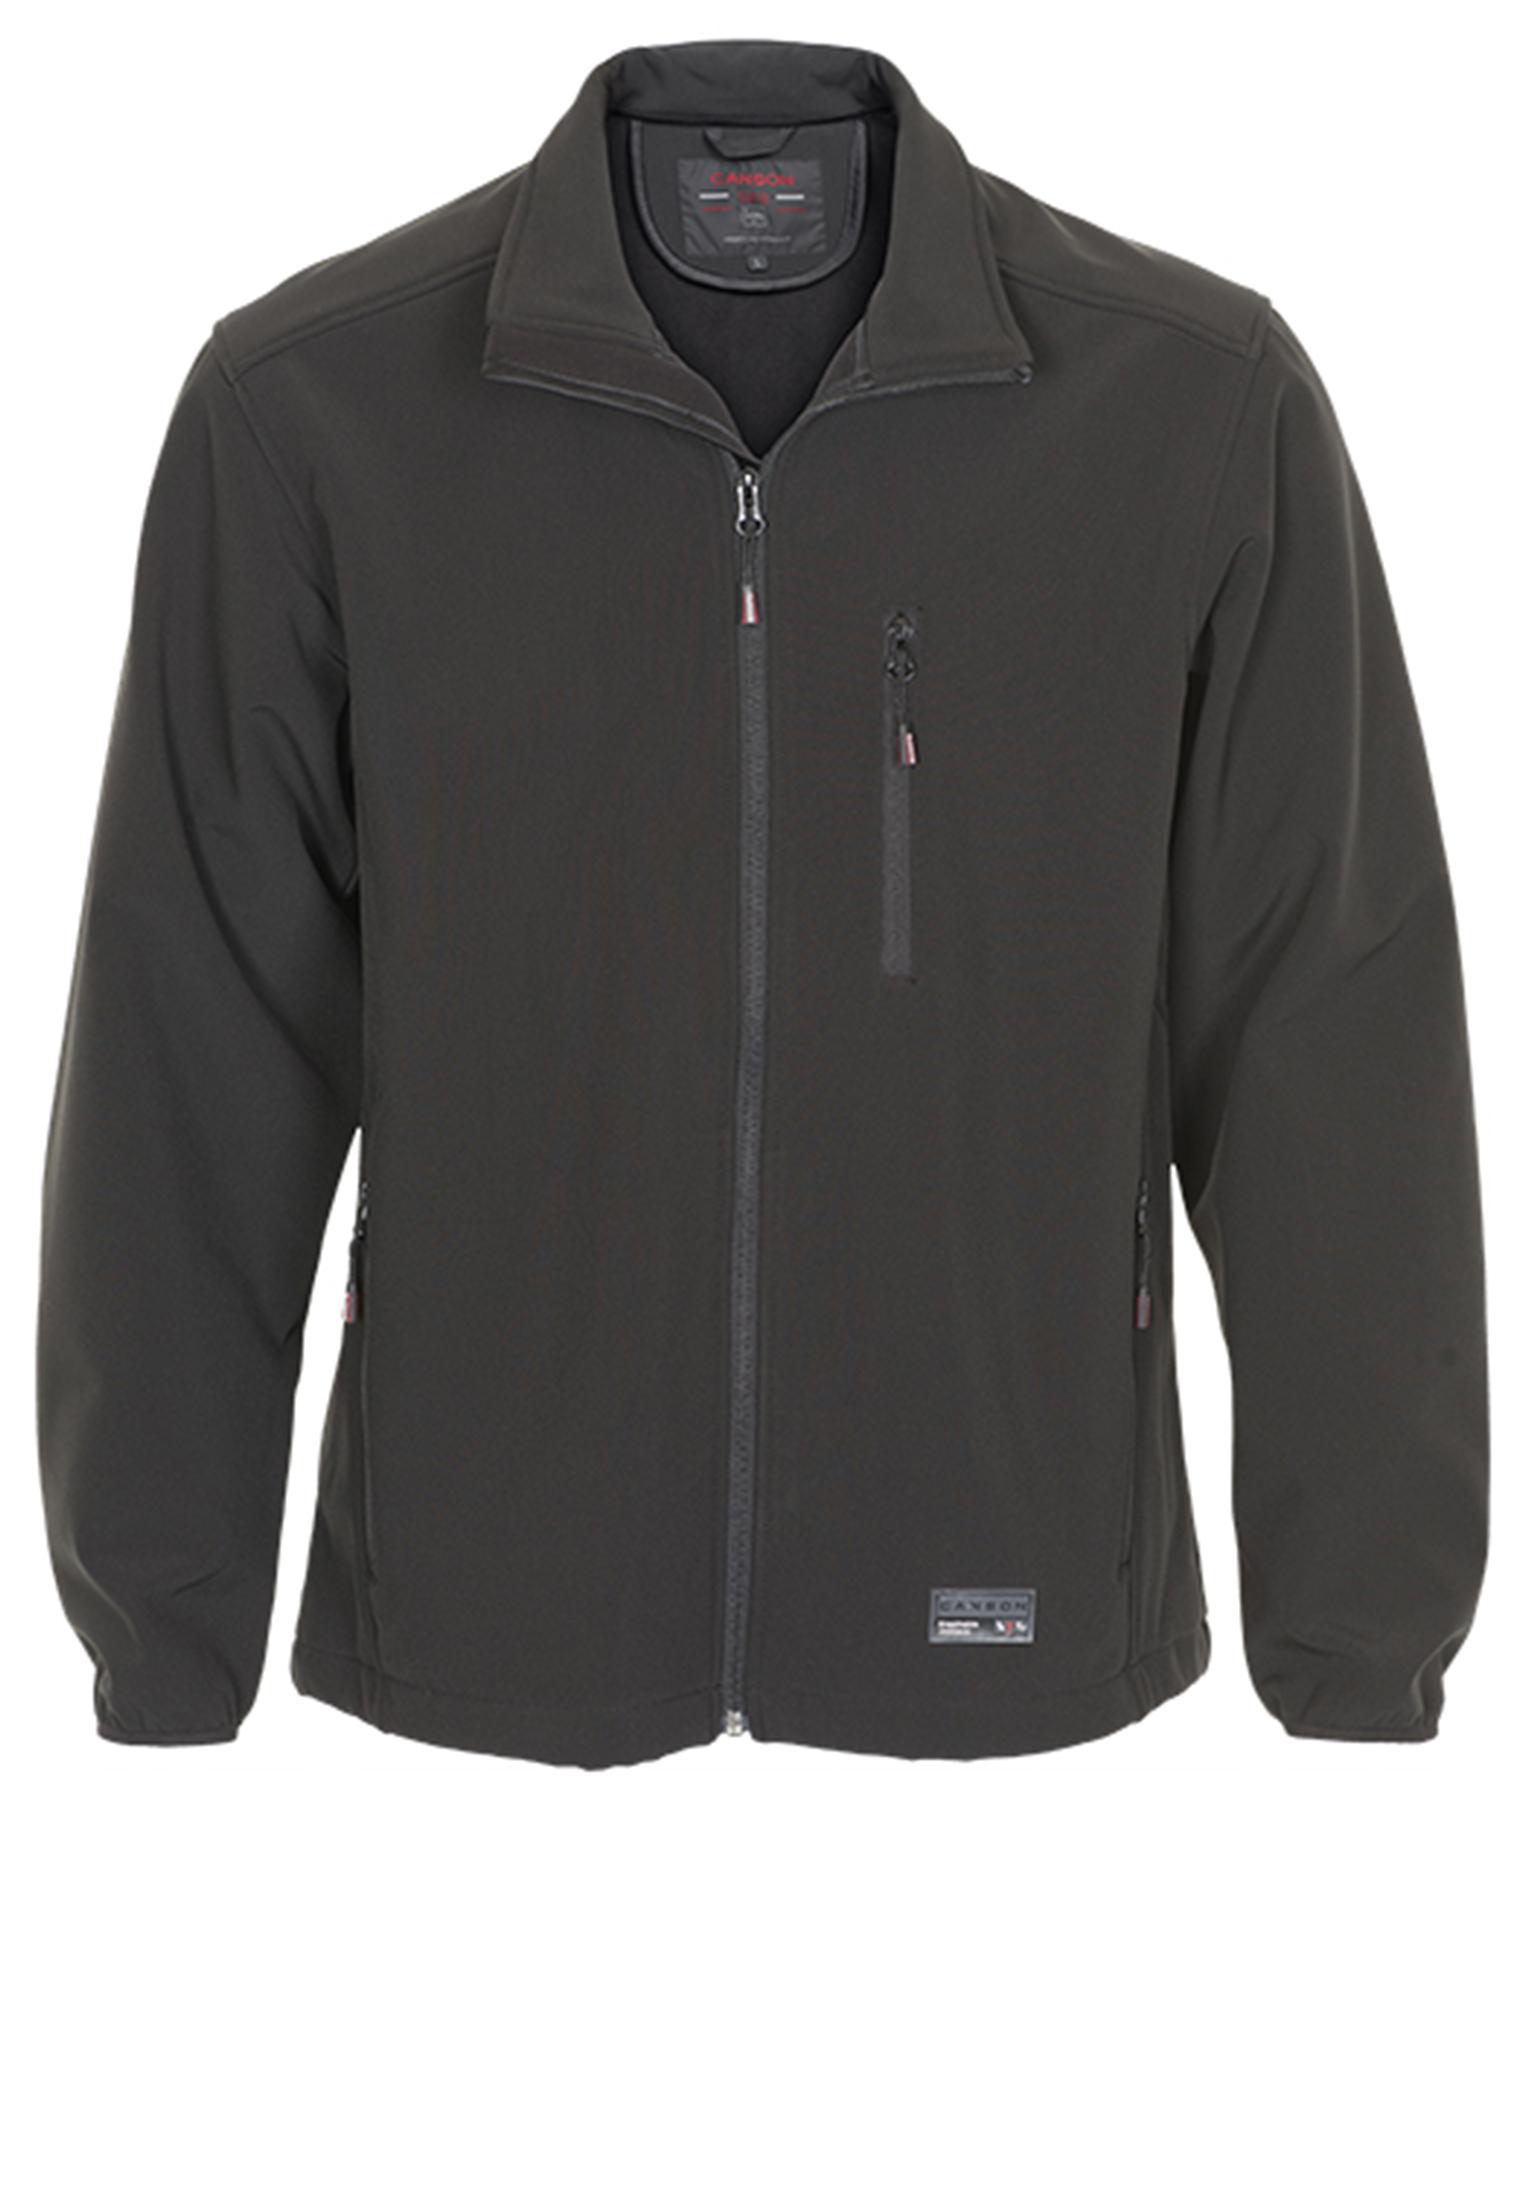 Zwarte softshell jas van het merk Canson van functionele kwaliteit. De jas heeft twee rits-zakken aan de voorzijde en een zakje op de borst. Bij de mouwboorden zit elastische stof en aan de onderkant van de jas dit een elastisch koord door de zoom die u aan beide zijde kunt aantrekken wat zorgt voor een mooie pasvorm. De stof is zowel ademend als wind- en waterafstotend tot 5000 mm. dat betekend dat de jas compleet waterdicht is in de regen en bestand tegen veel vormen van druk. Pas bij hoge druk van bijvoorbeeld langdurig zitten begint het materiaal te lekken.